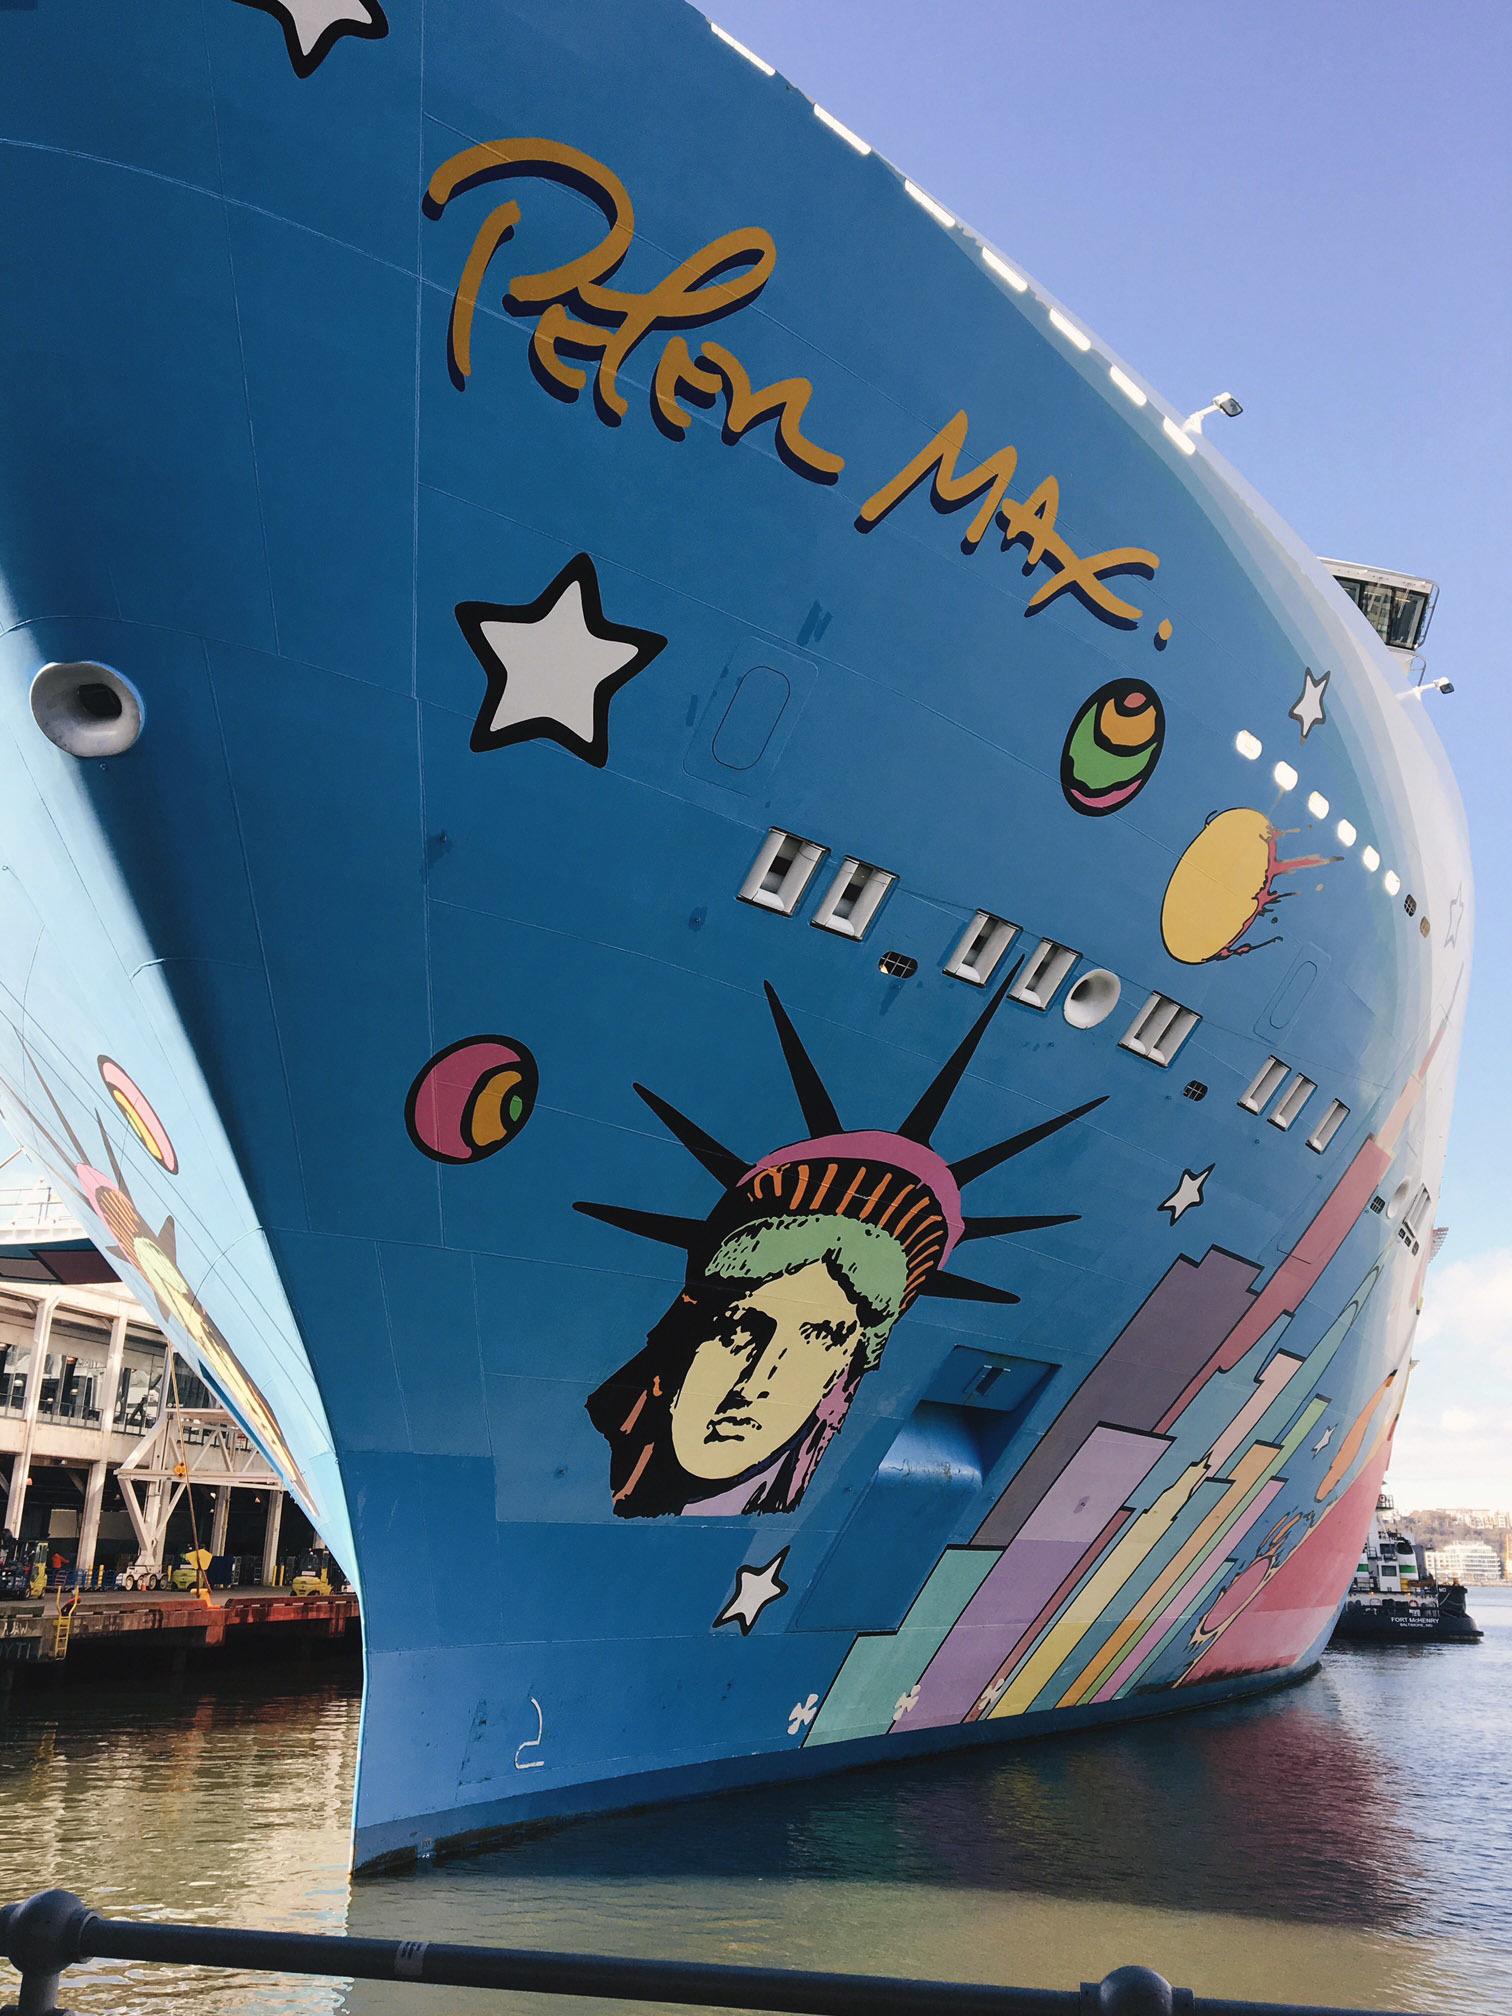 La obra de Peter Max ilustra el casco del barco y está presente en la...